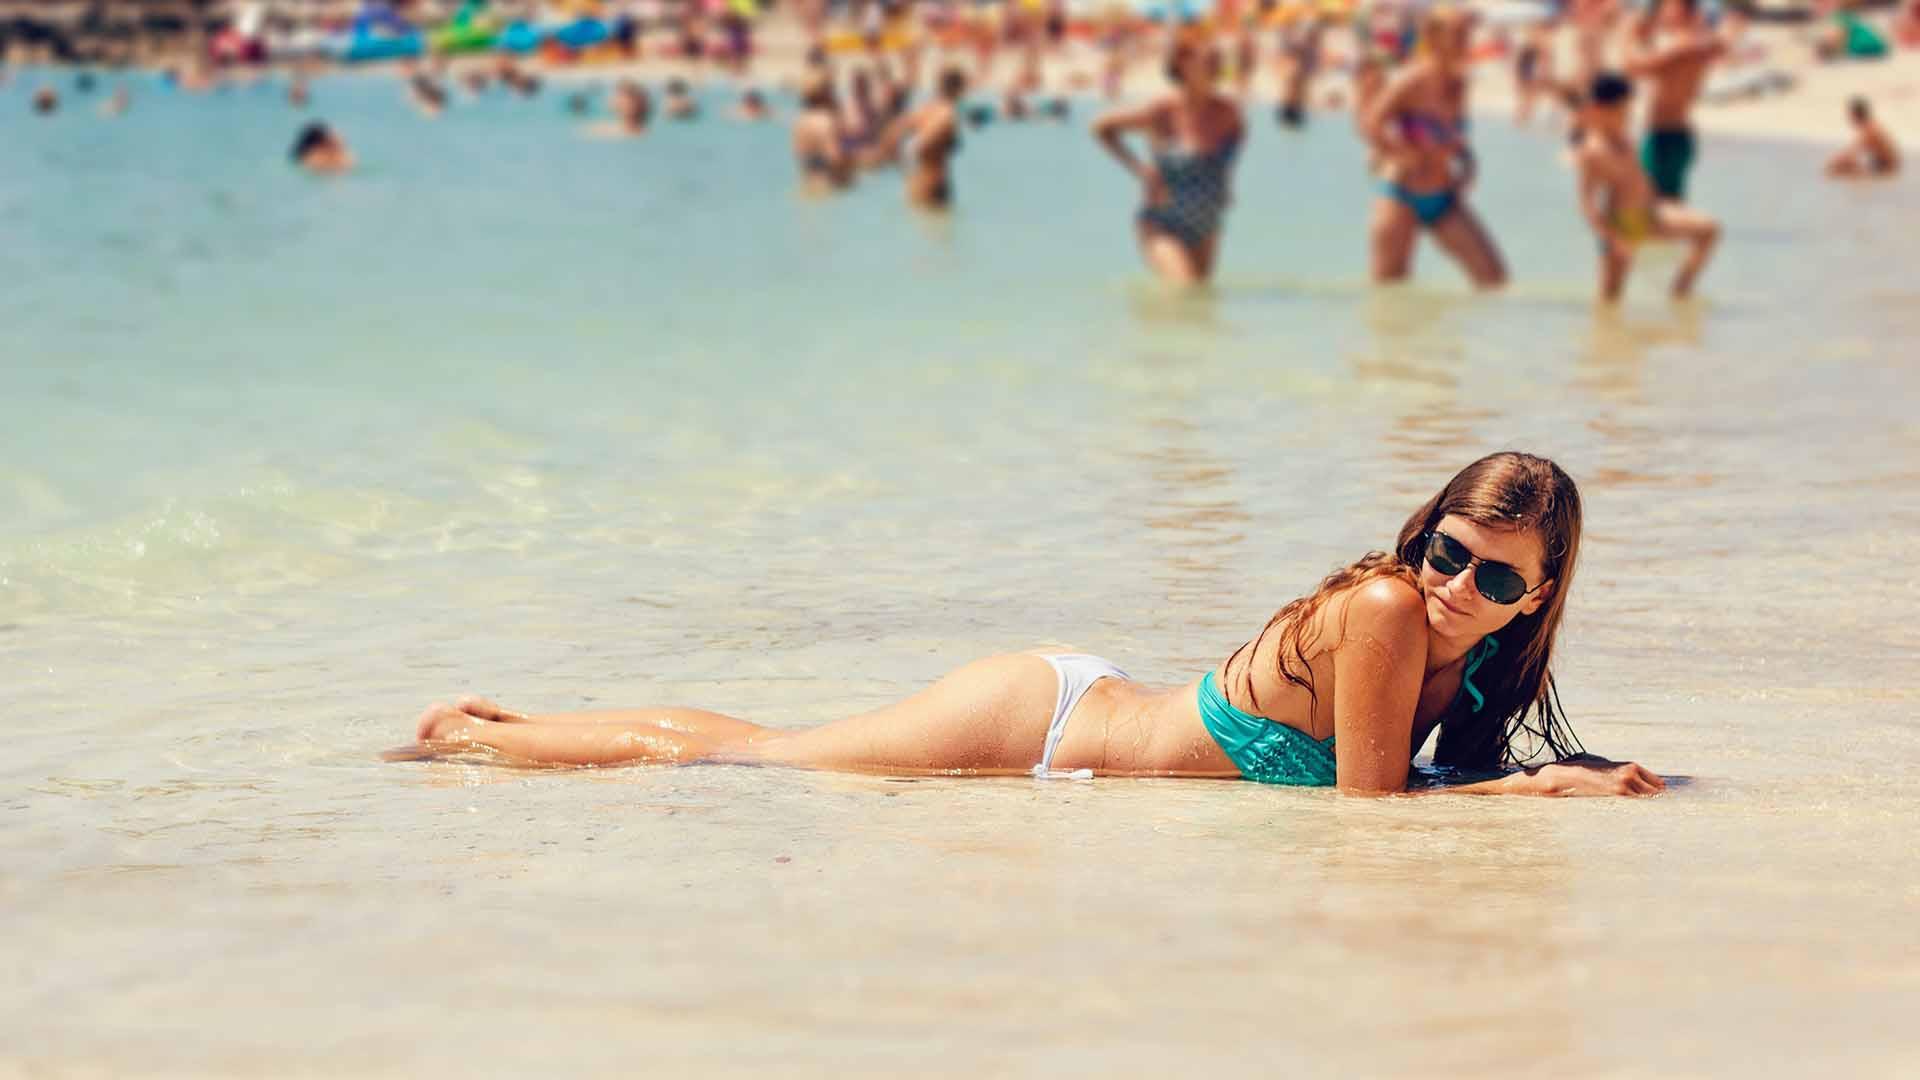 Scopriamo i migliori occhiali da sole per il mare!